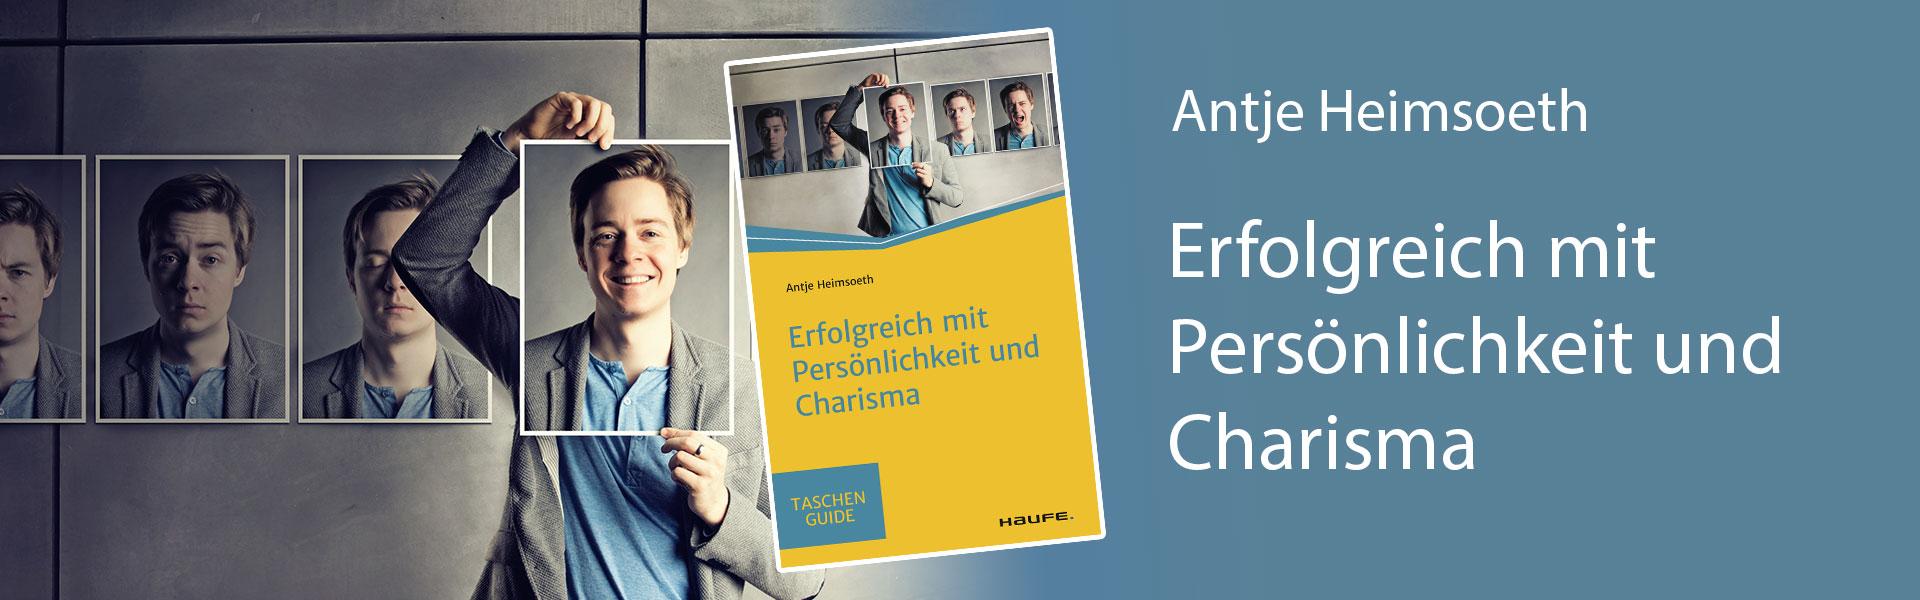 Antje Heimsoeth - Buch - Erfolgreich mit Persönlichkeit und Charisma